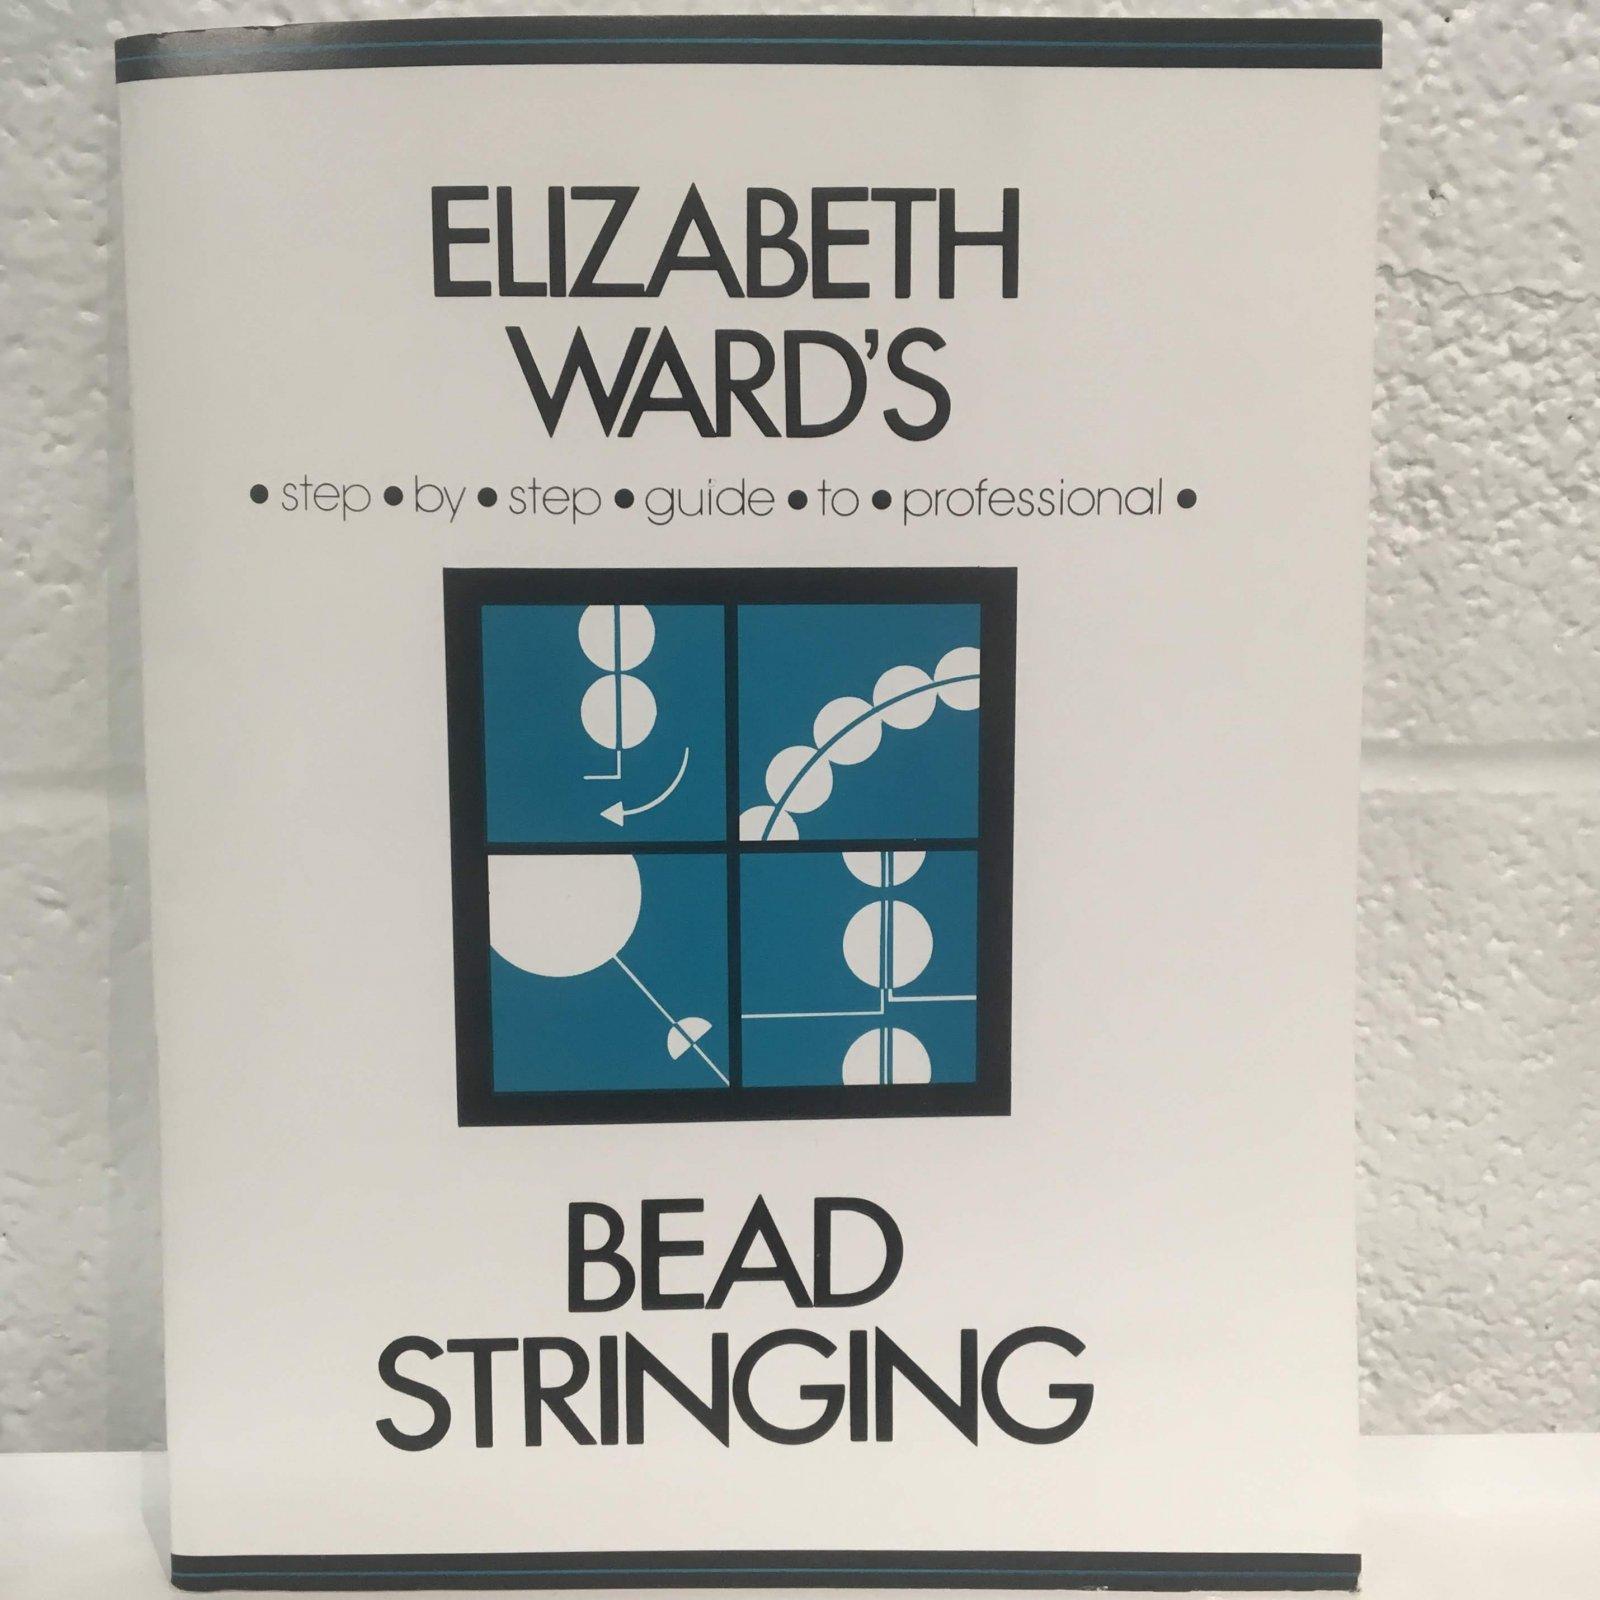 Bead Stringing by Elizabeth Ward